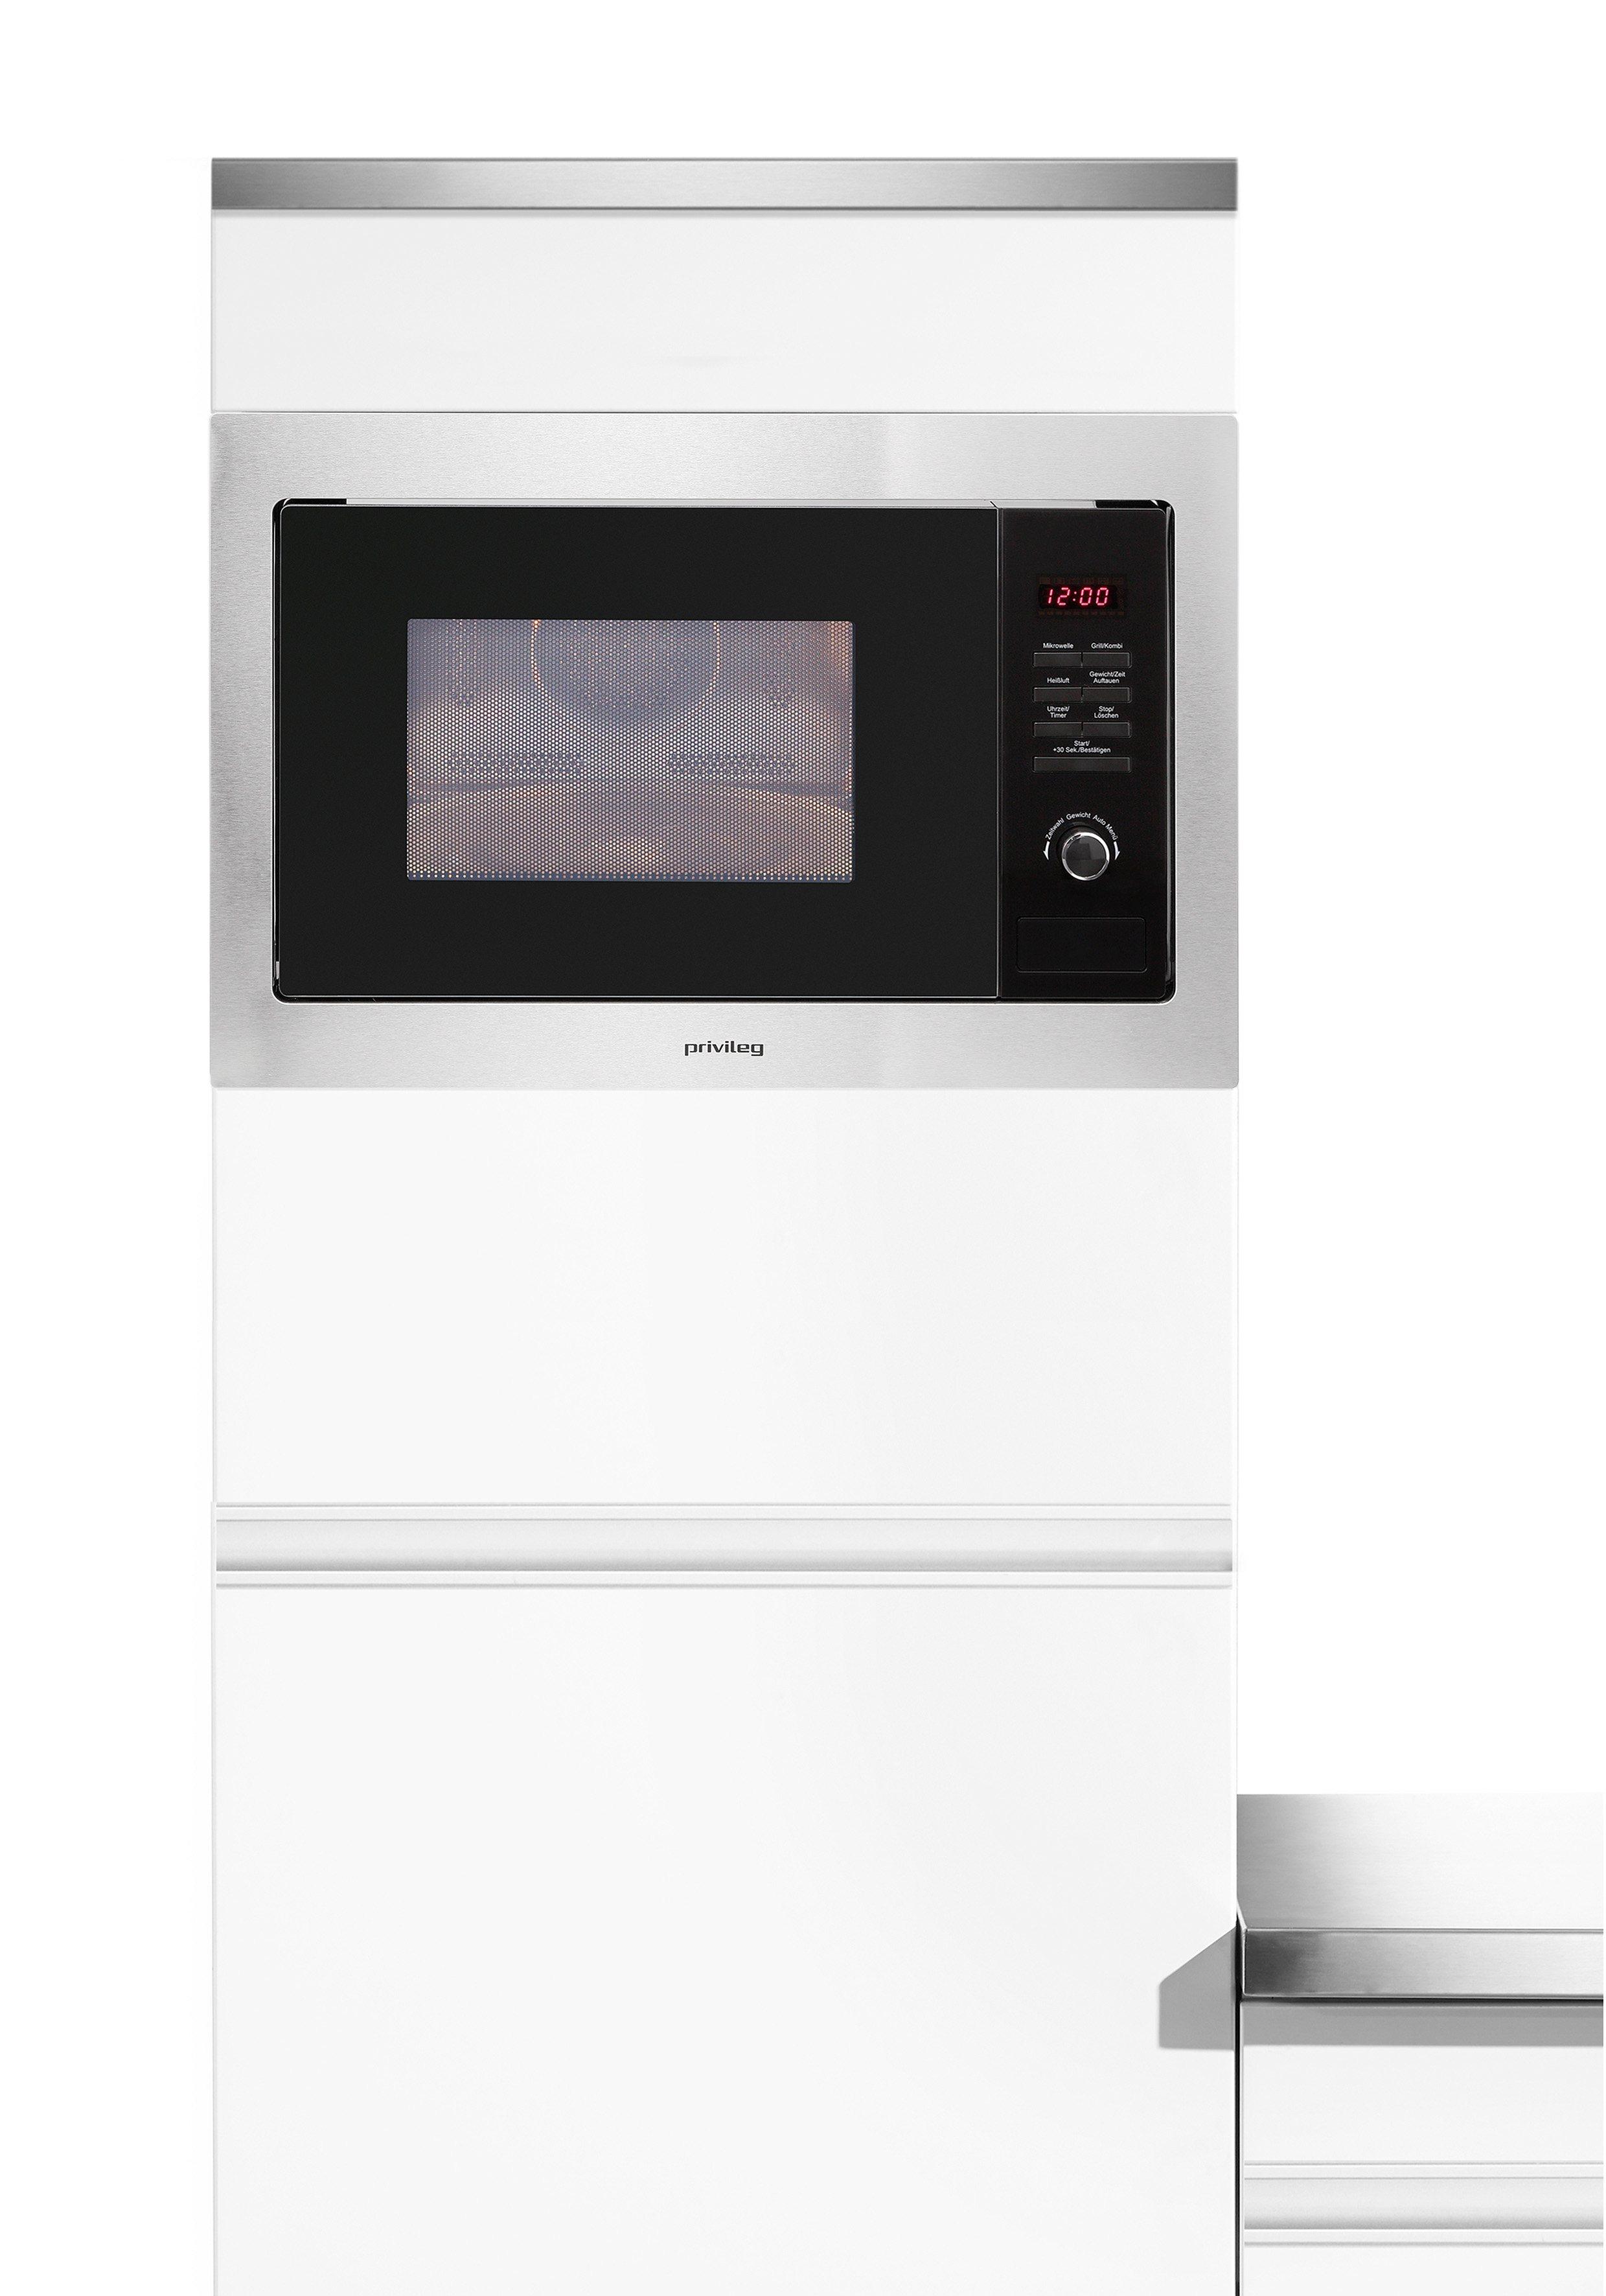 *Privileg Einbau-Mikrowelle AC 925 BVE, mit Grill und Heißluft, 25 Liter, 900 Watt*